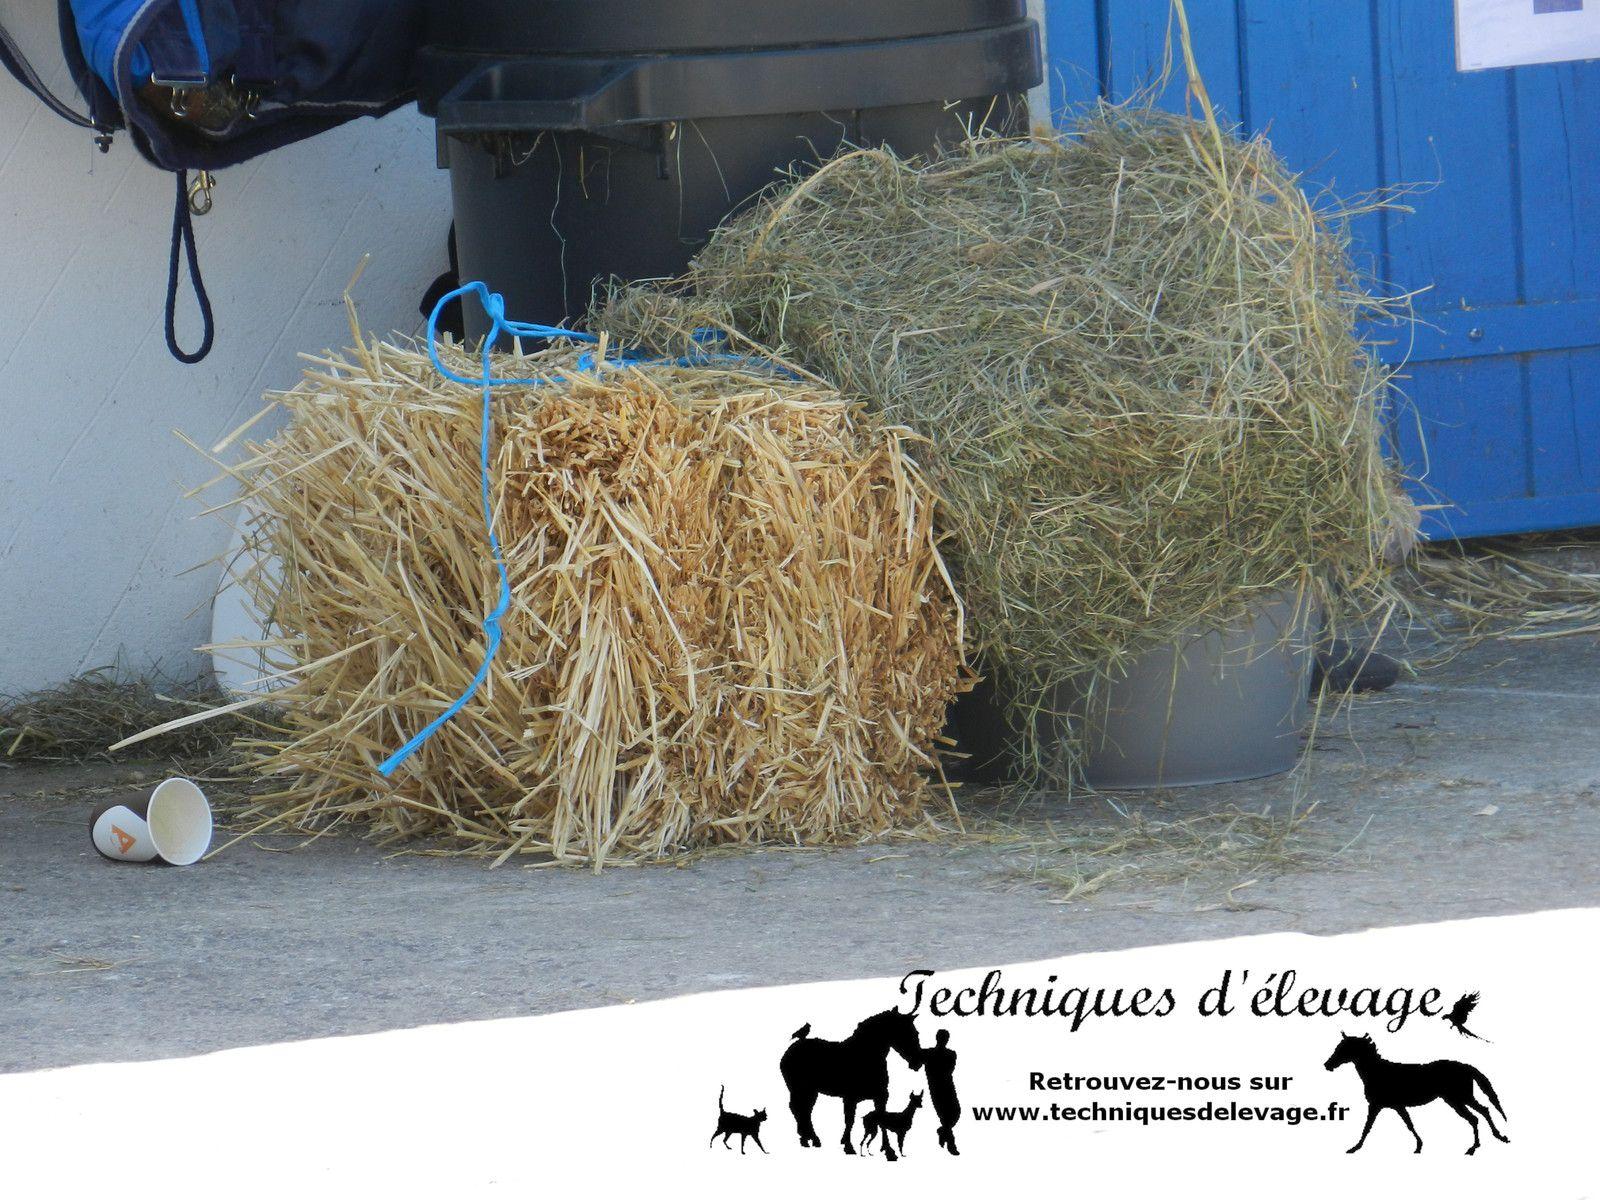 Foin et paille. Techniques d'élevage (R). Tous droits réservés